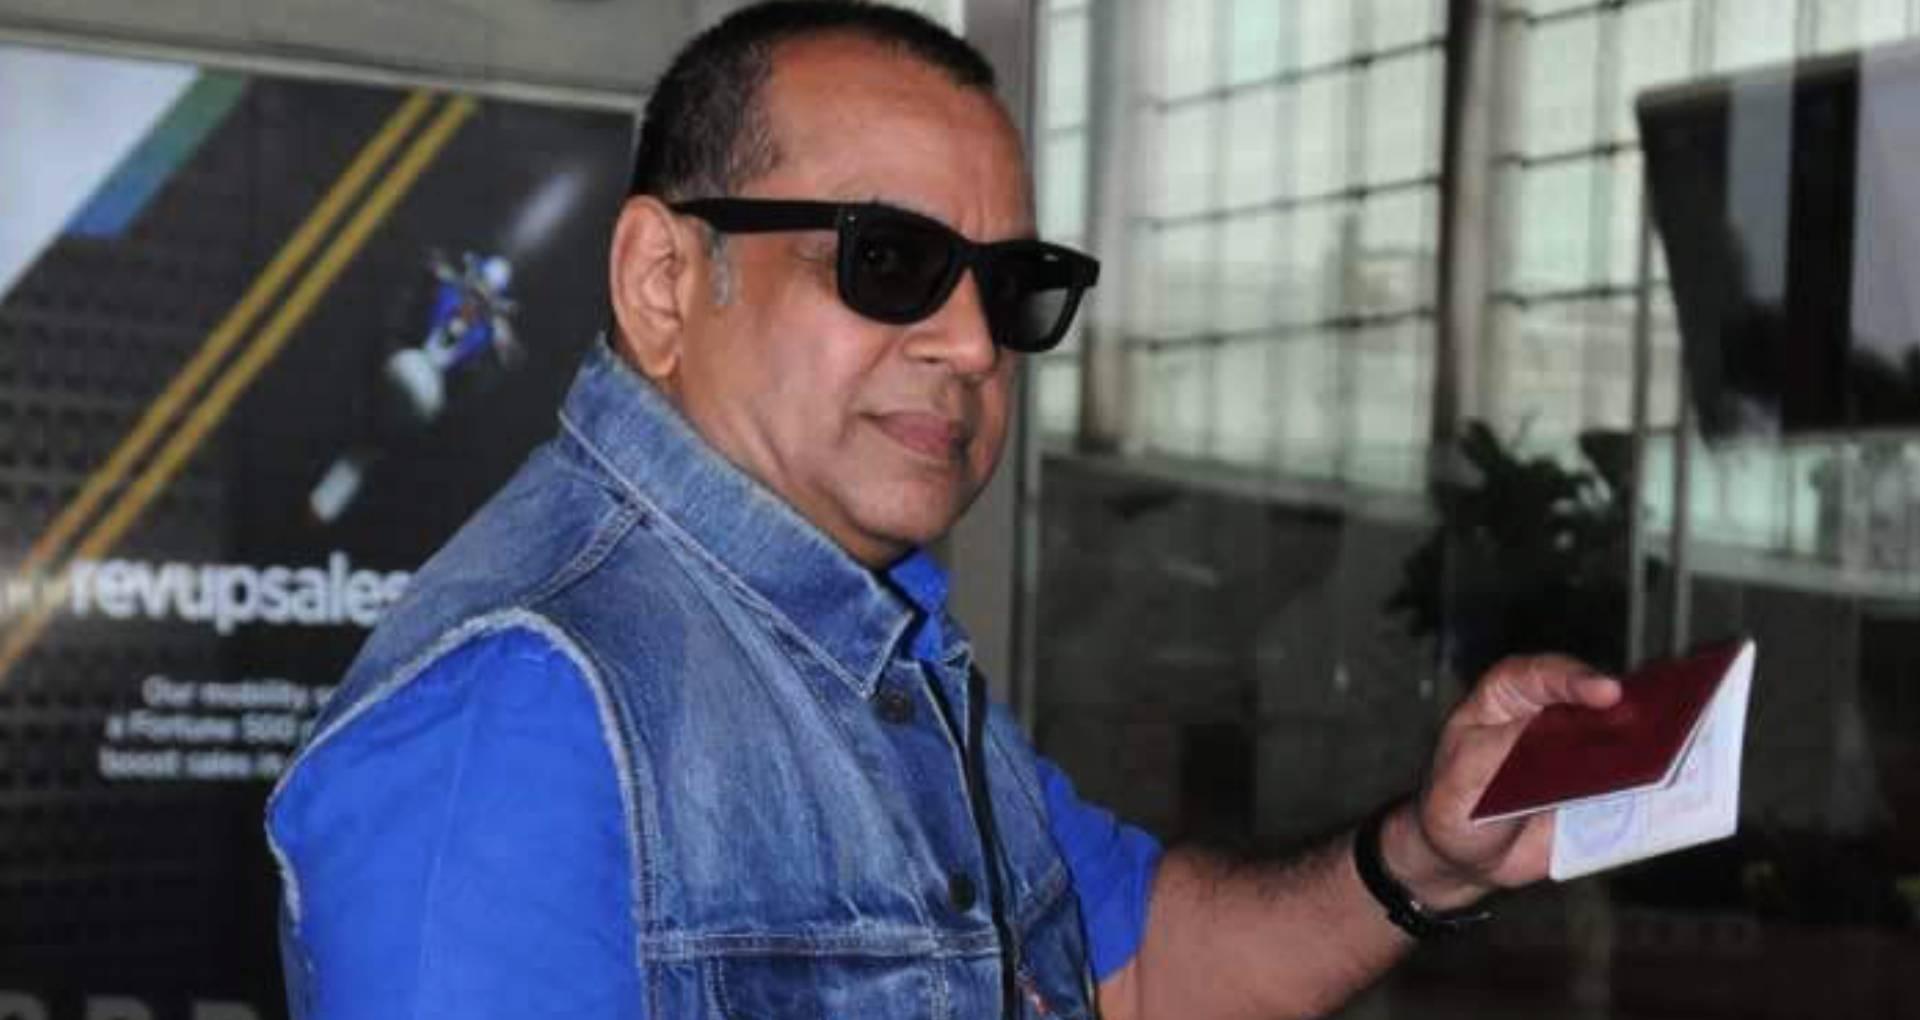 परेश रावल ने जनता से की अपील, कहा-'कलाकारों को एंटरटेनर, सैनिक और पुलिस को कहो हीरो'